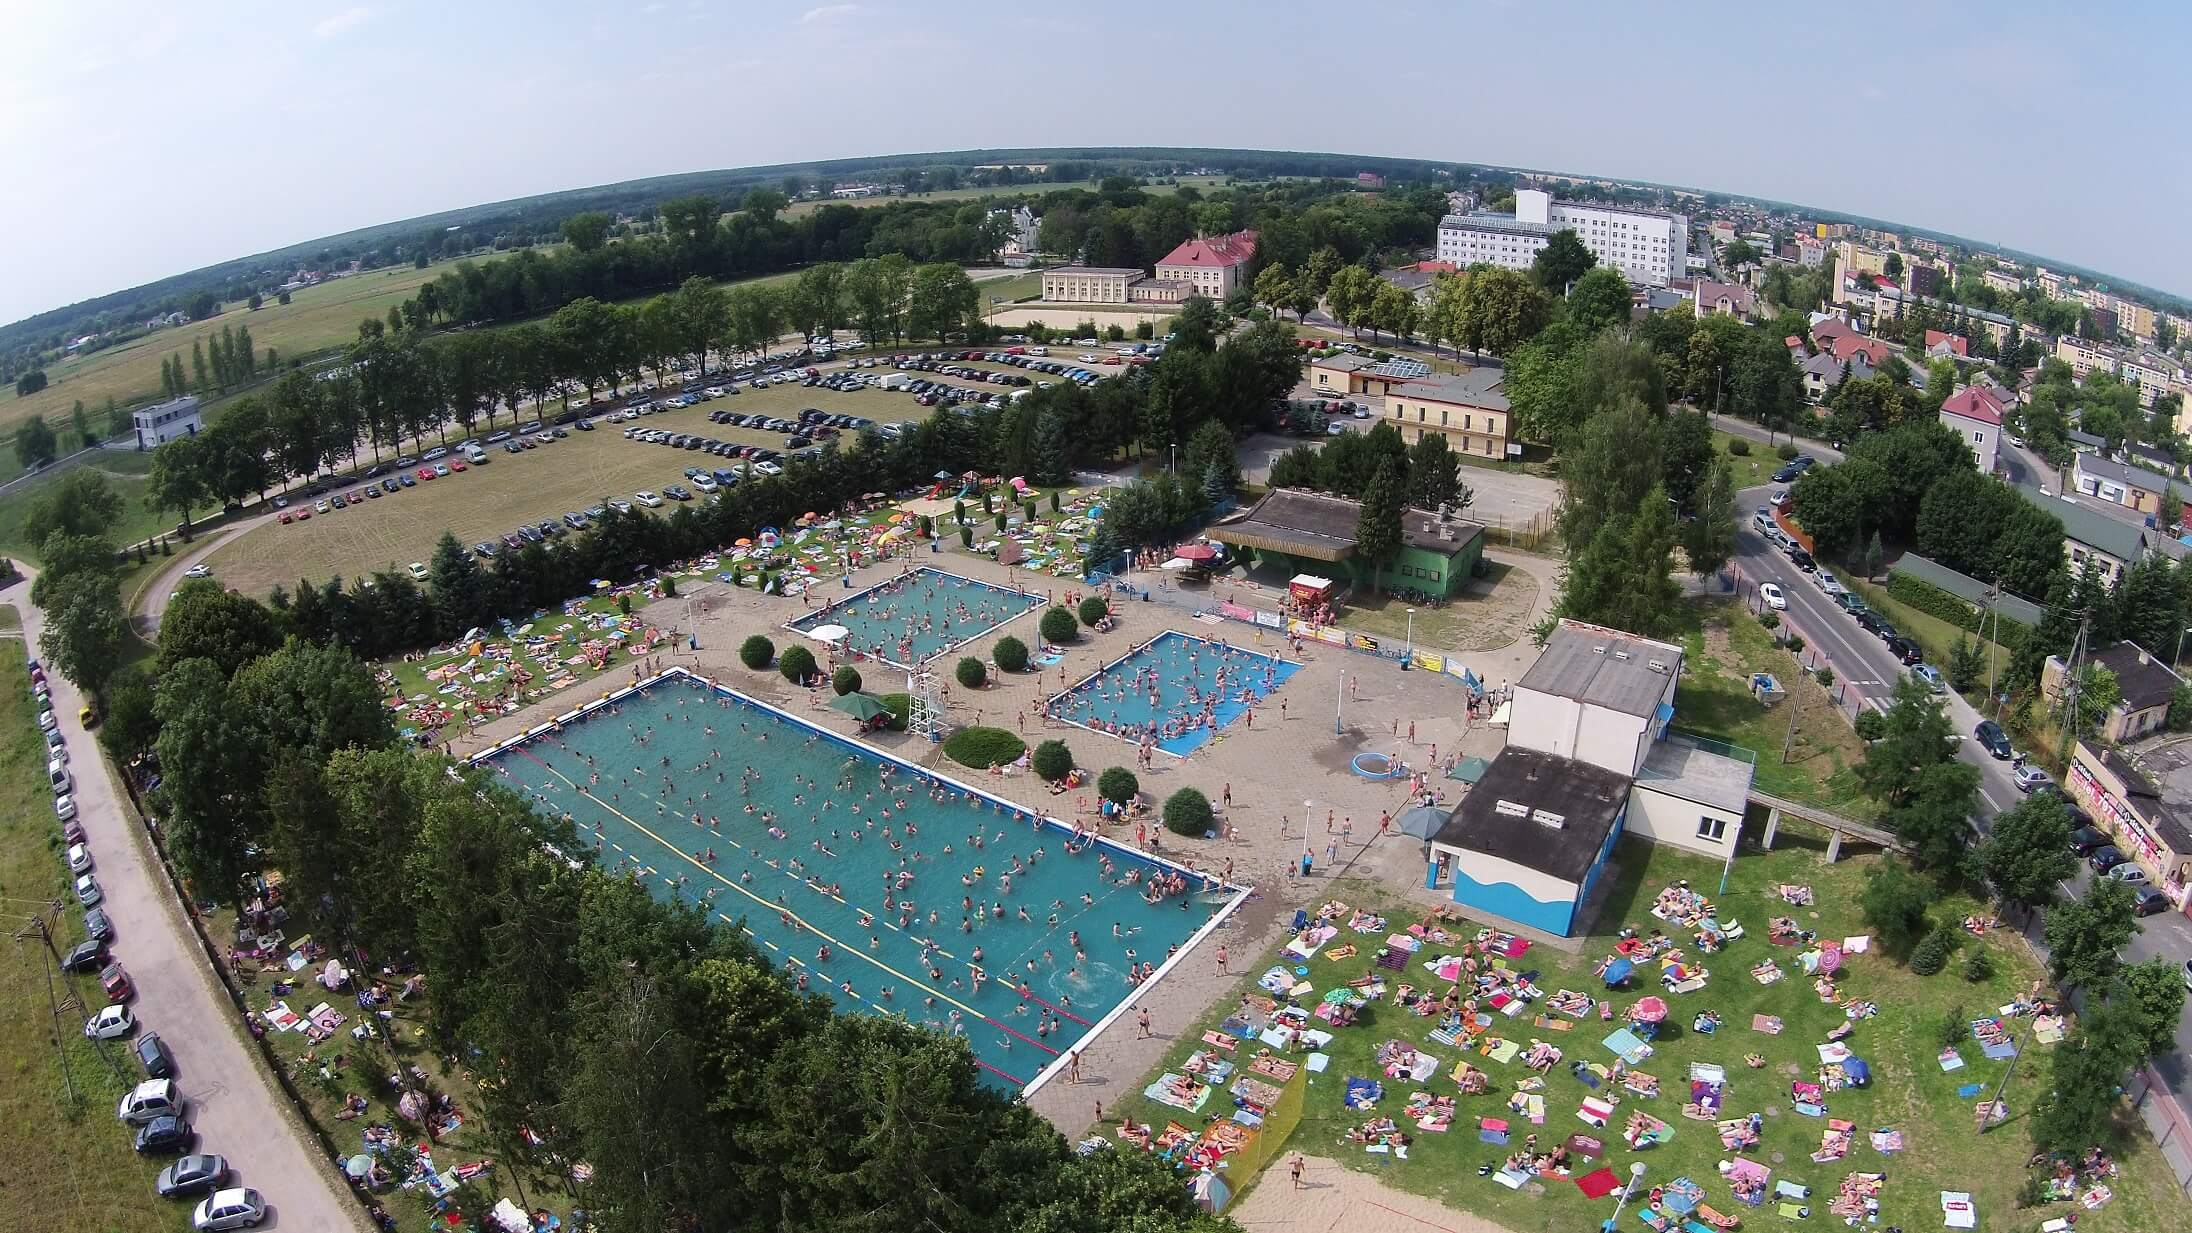 ojp - Niepozorne miejsca w łódzkim, czyli odpoczynek w centrum Polski